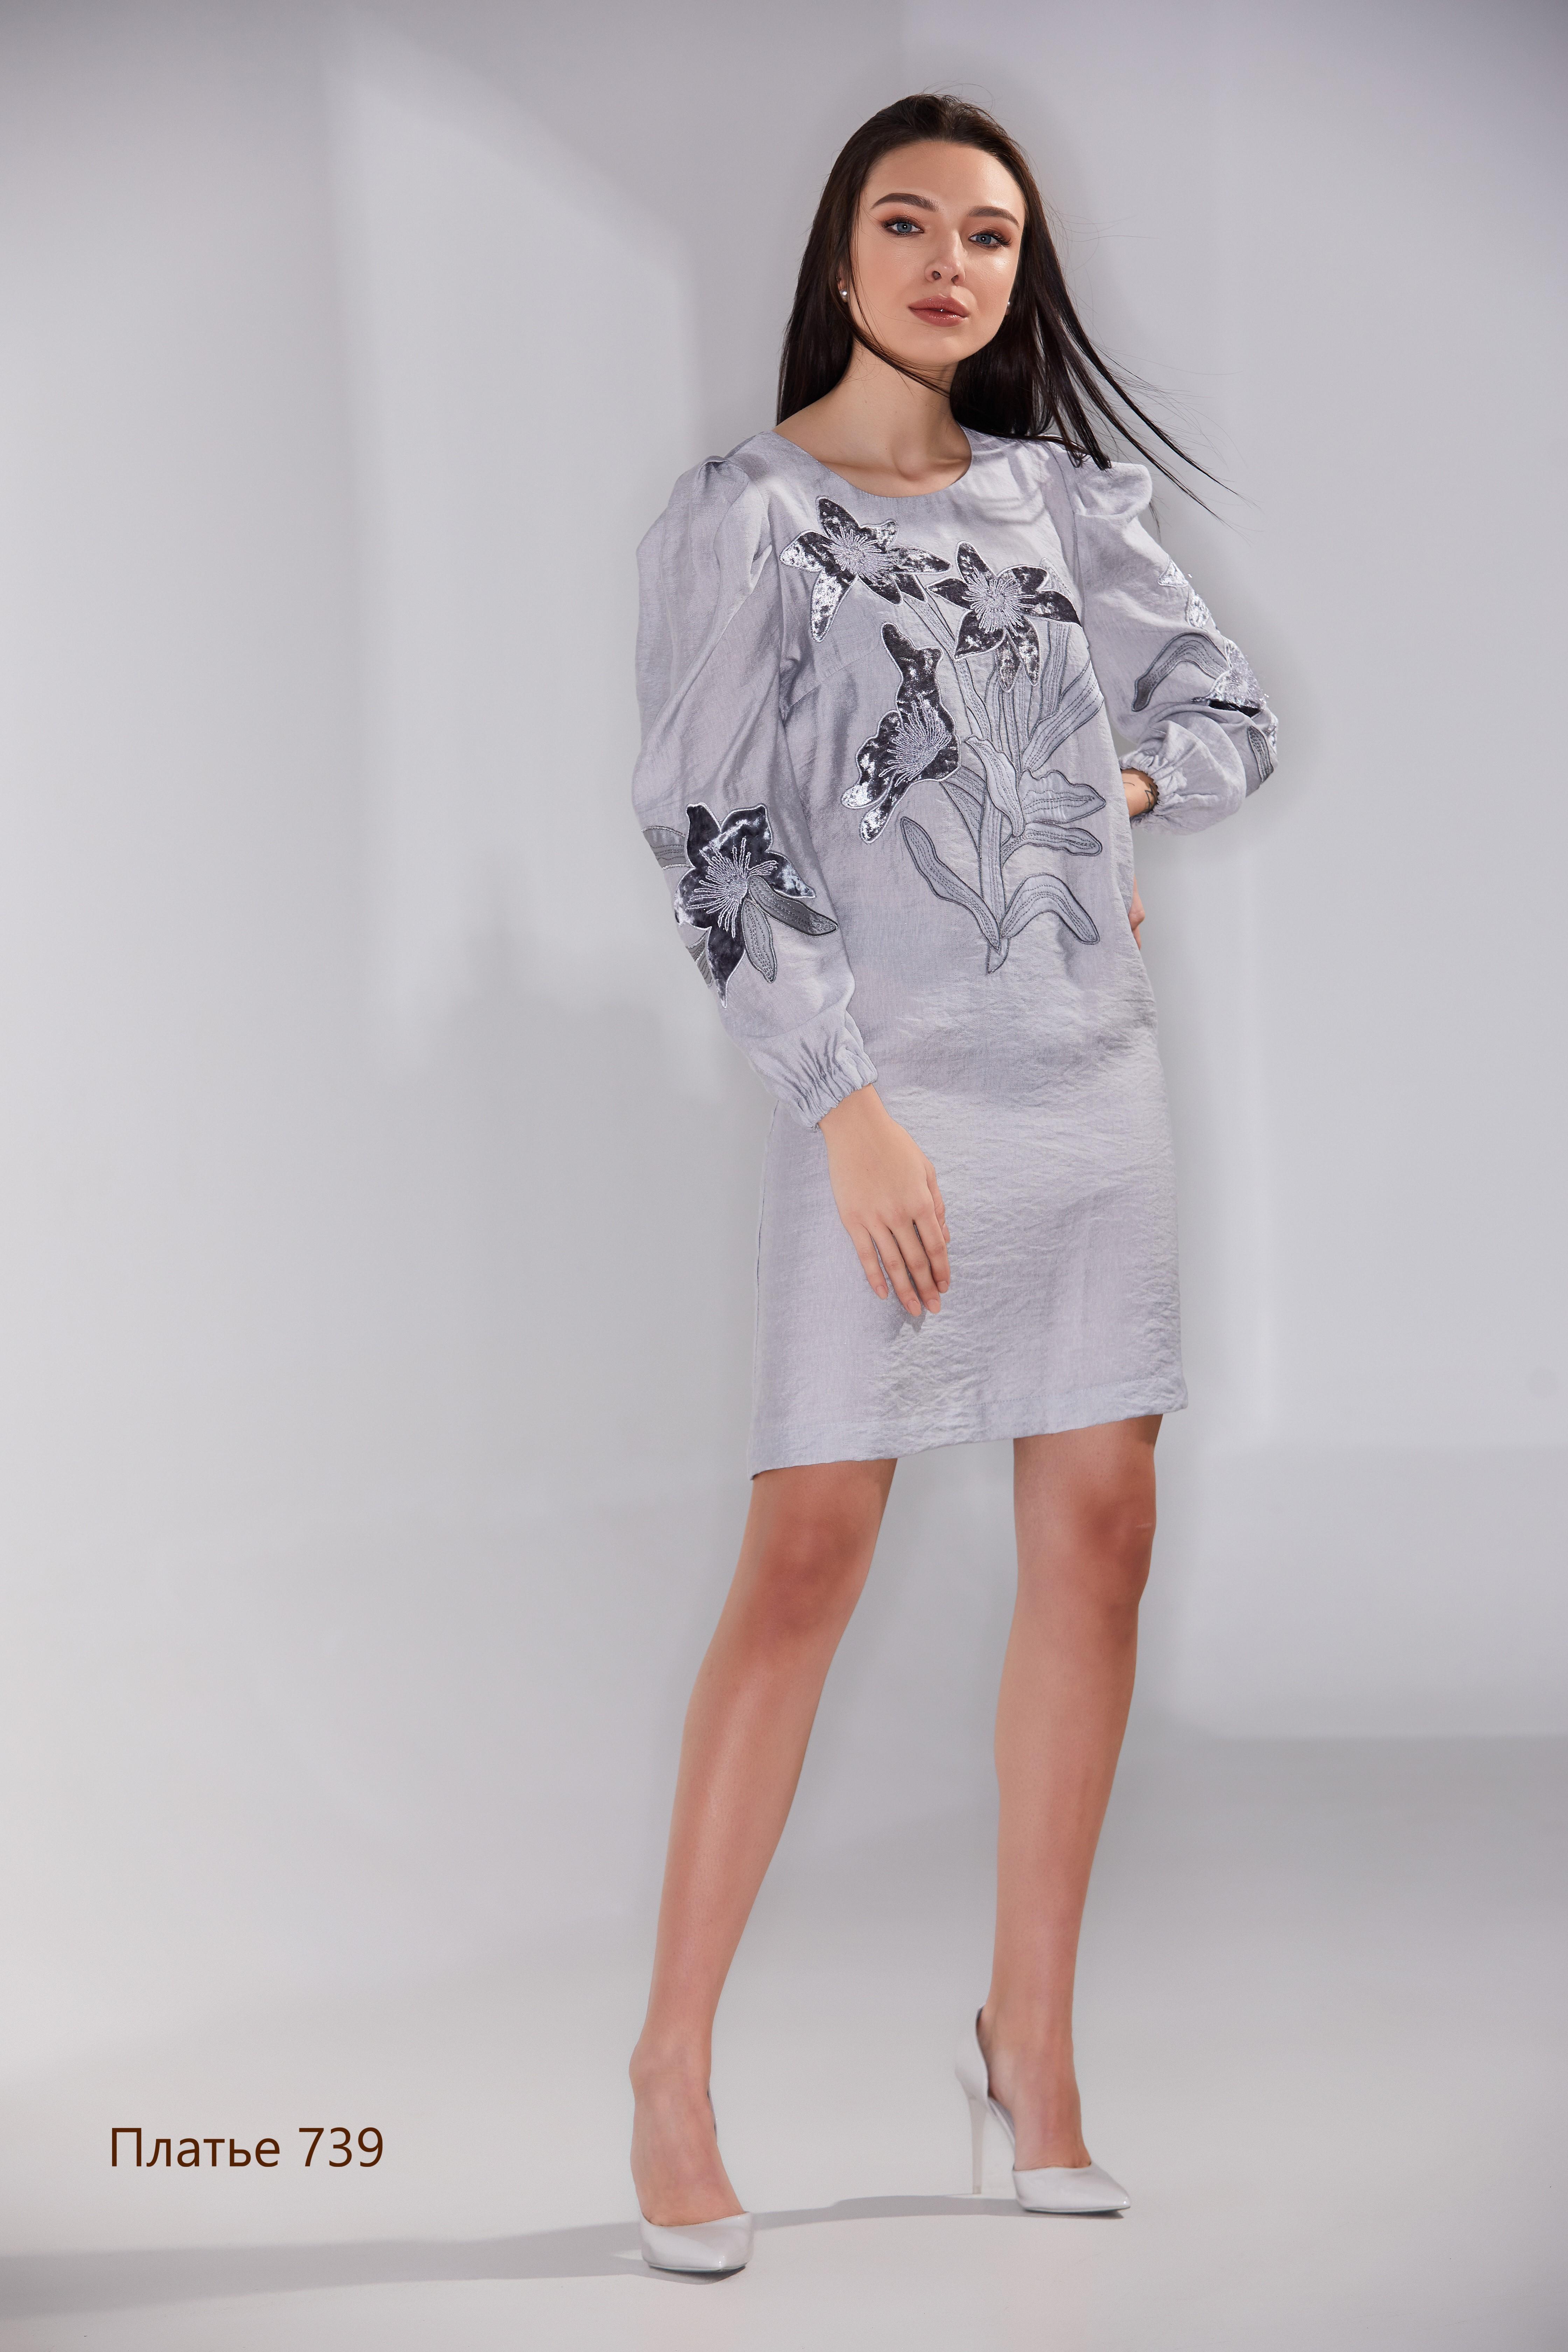 Платье 739 (2)